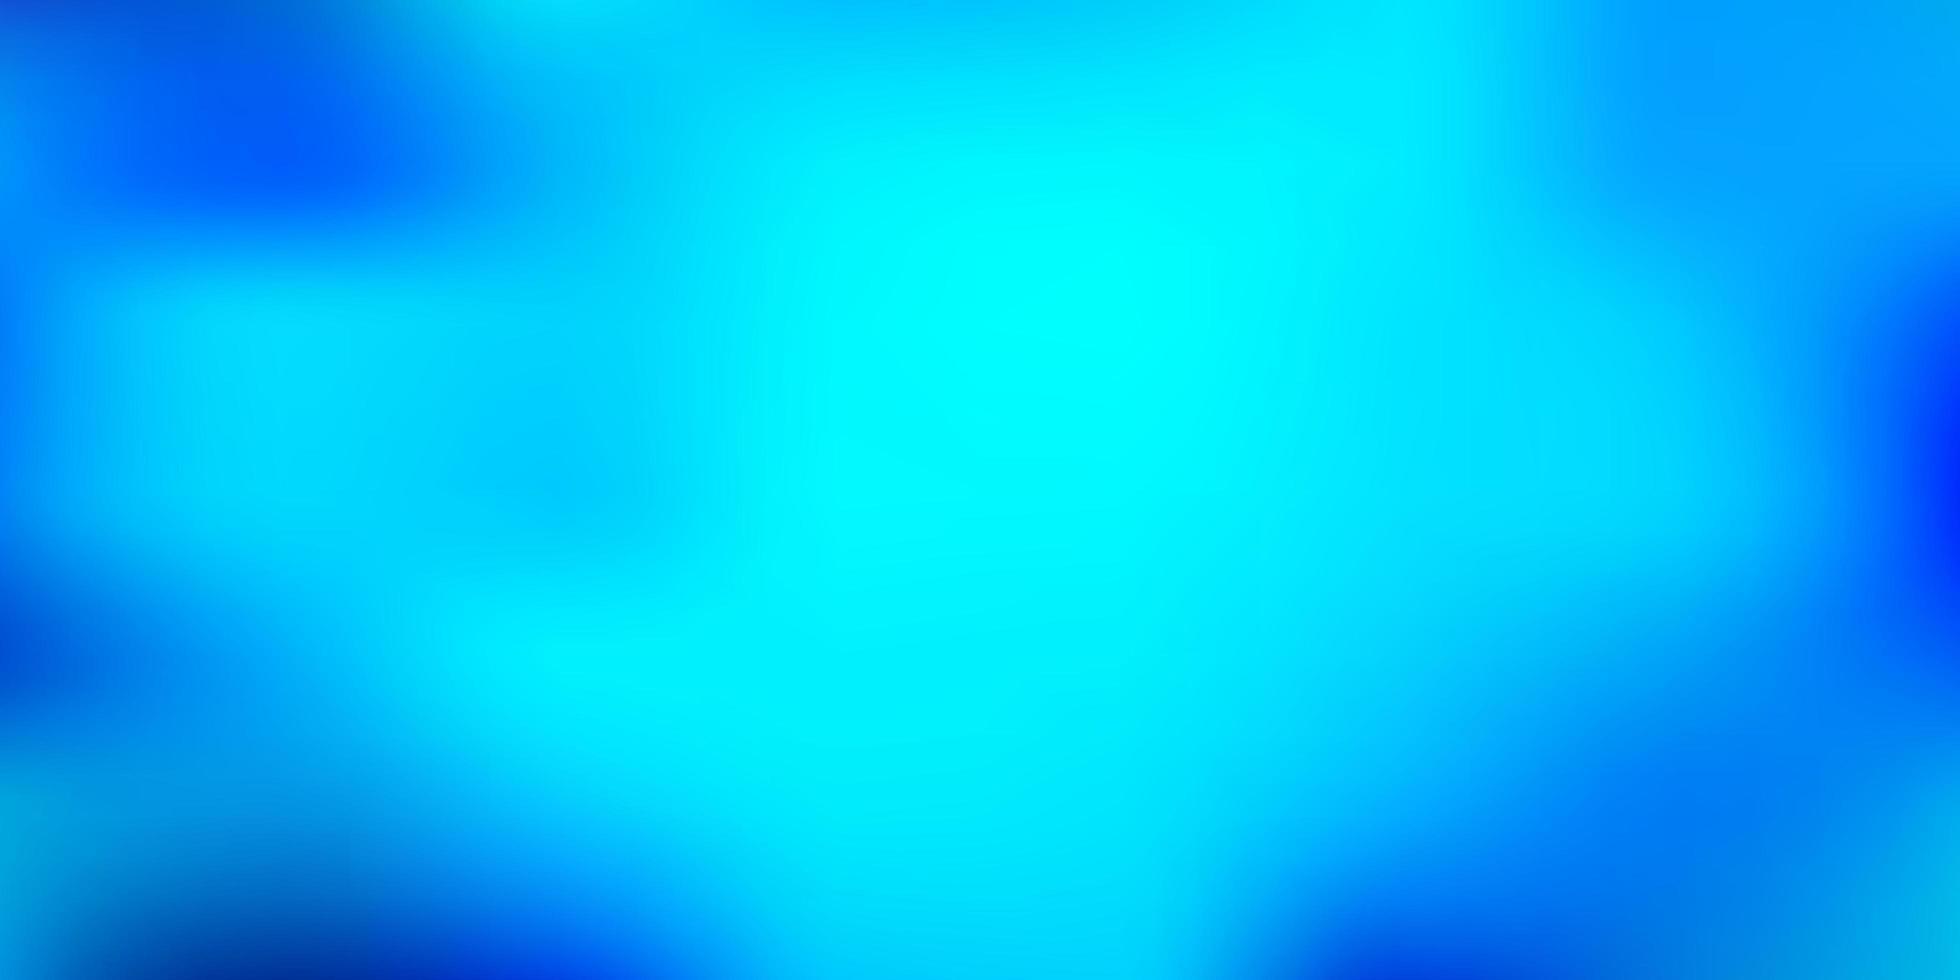 patrón de desenfoque de vector azul oscuro